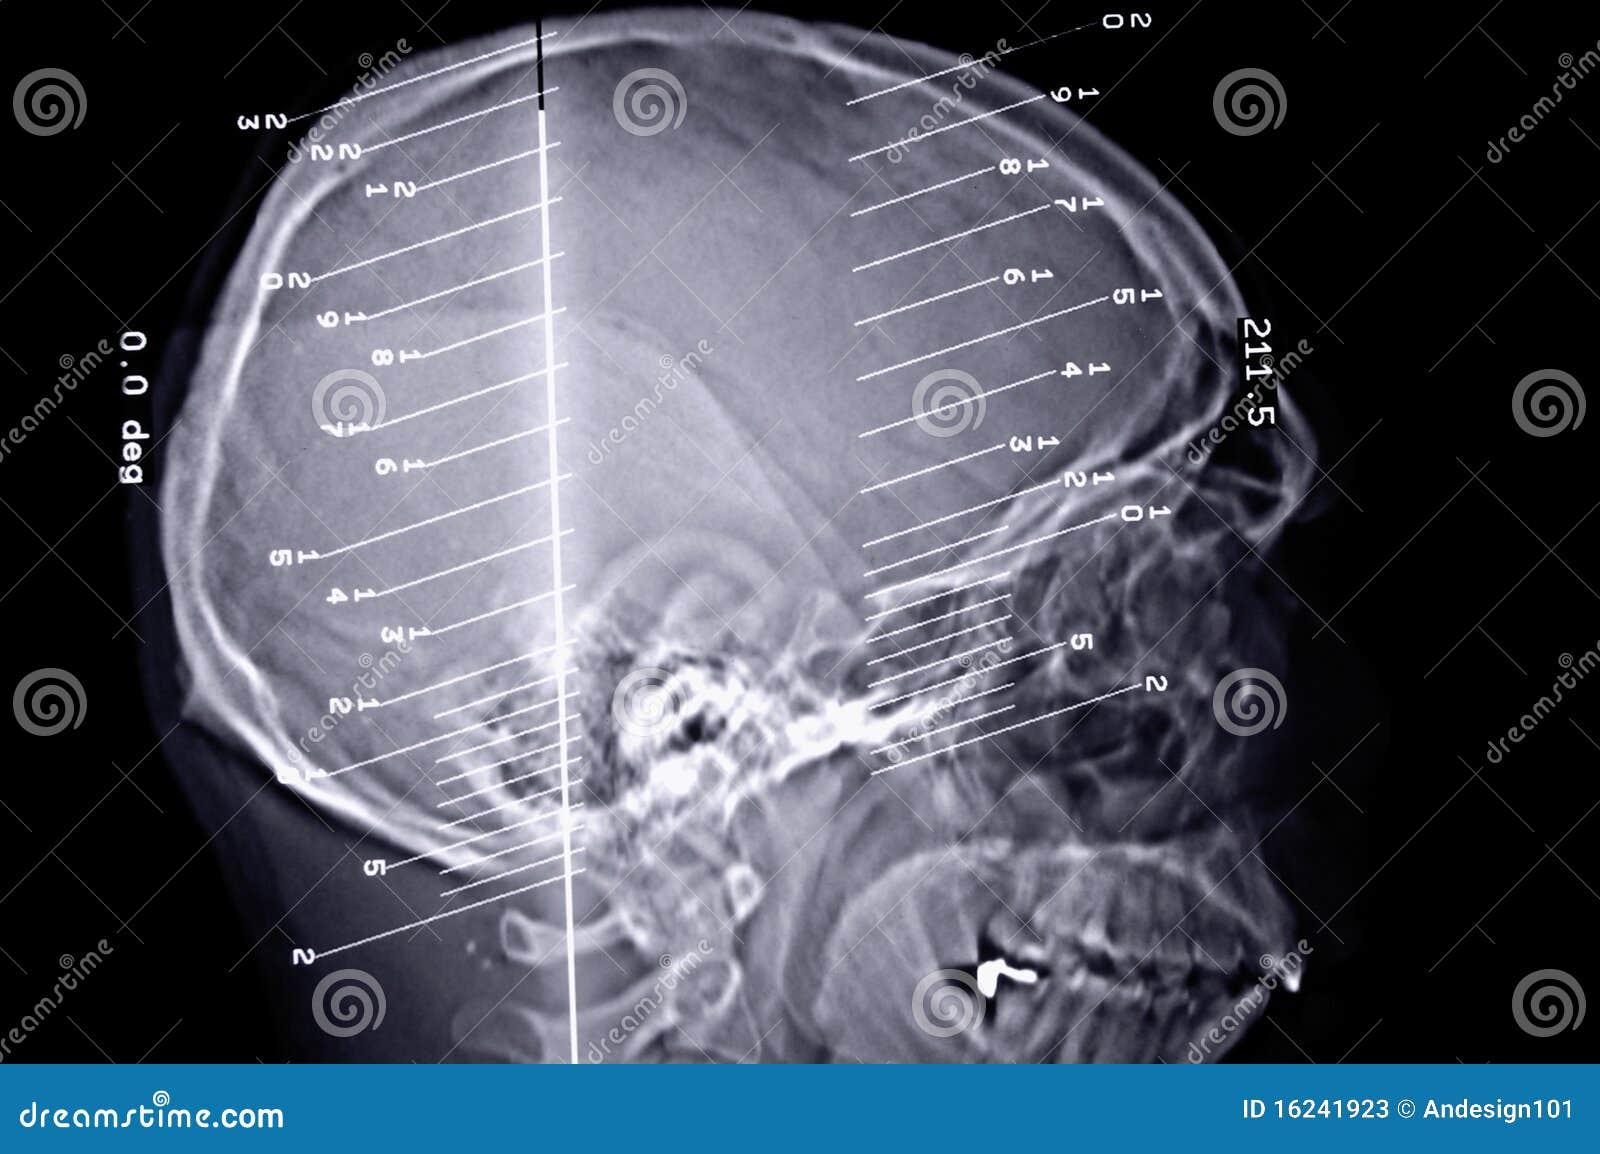 brain cat scan-#29